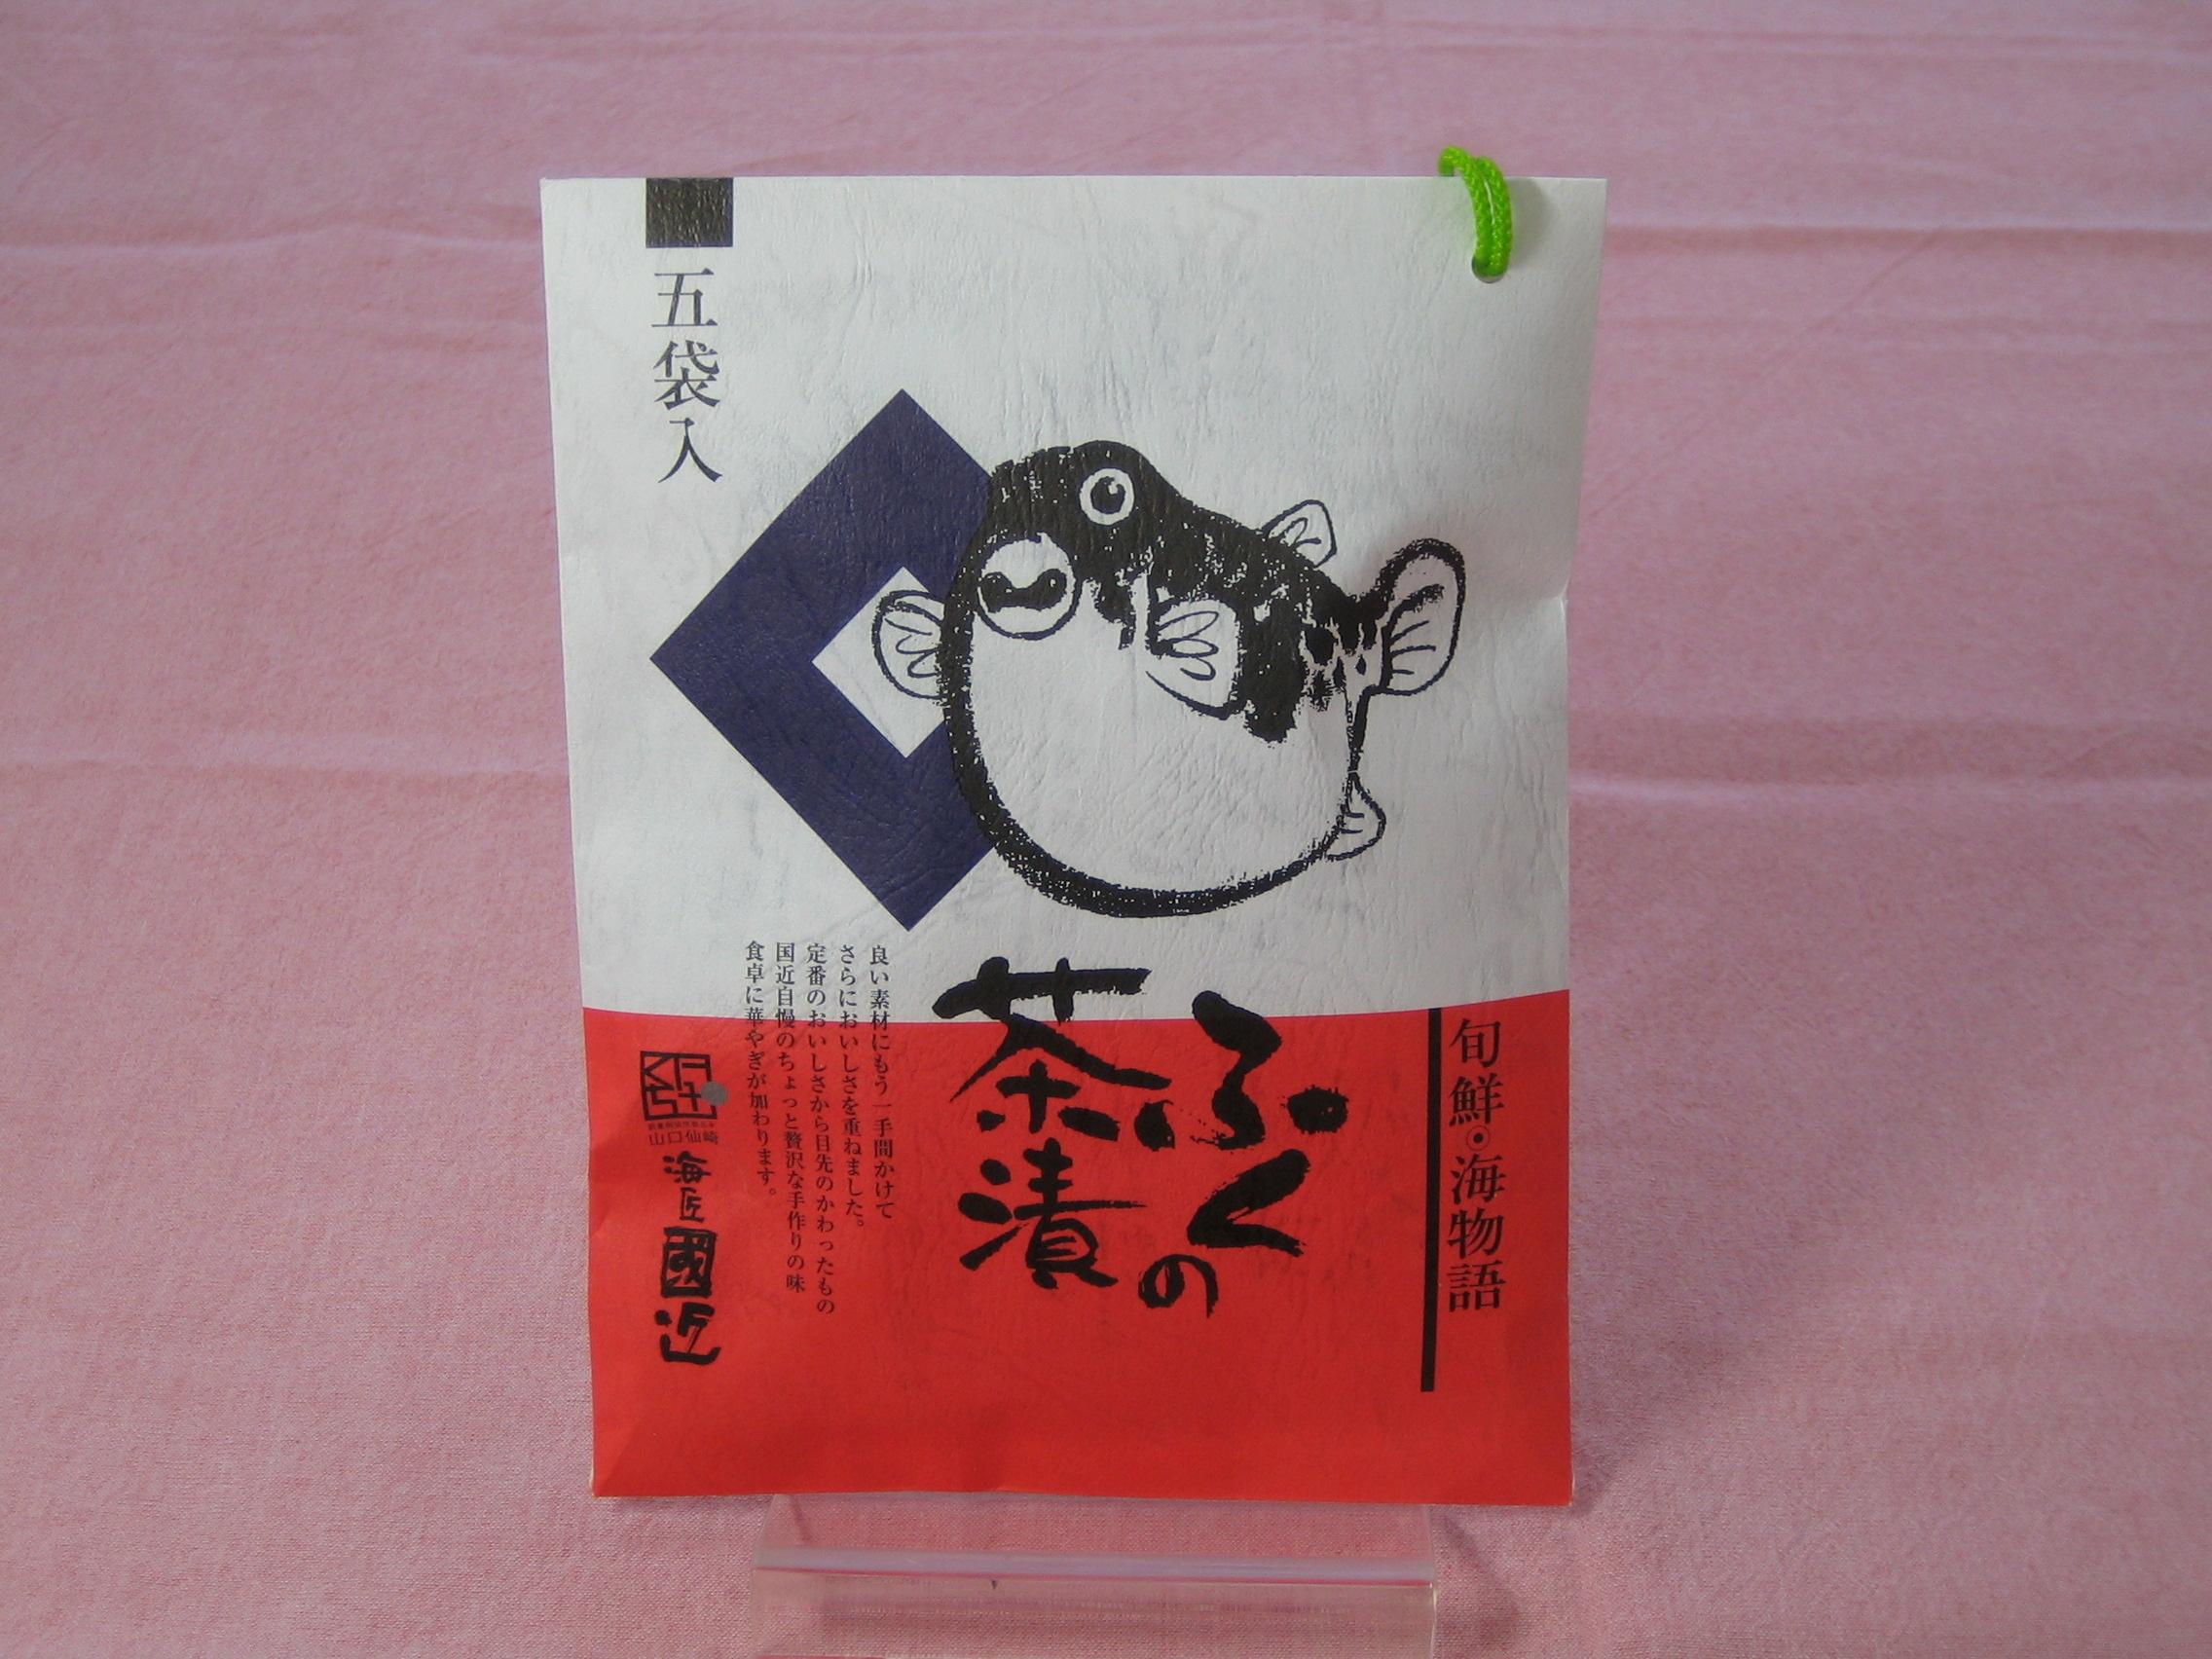 ふくの茶漬け ~5食入り~ 國近商店01